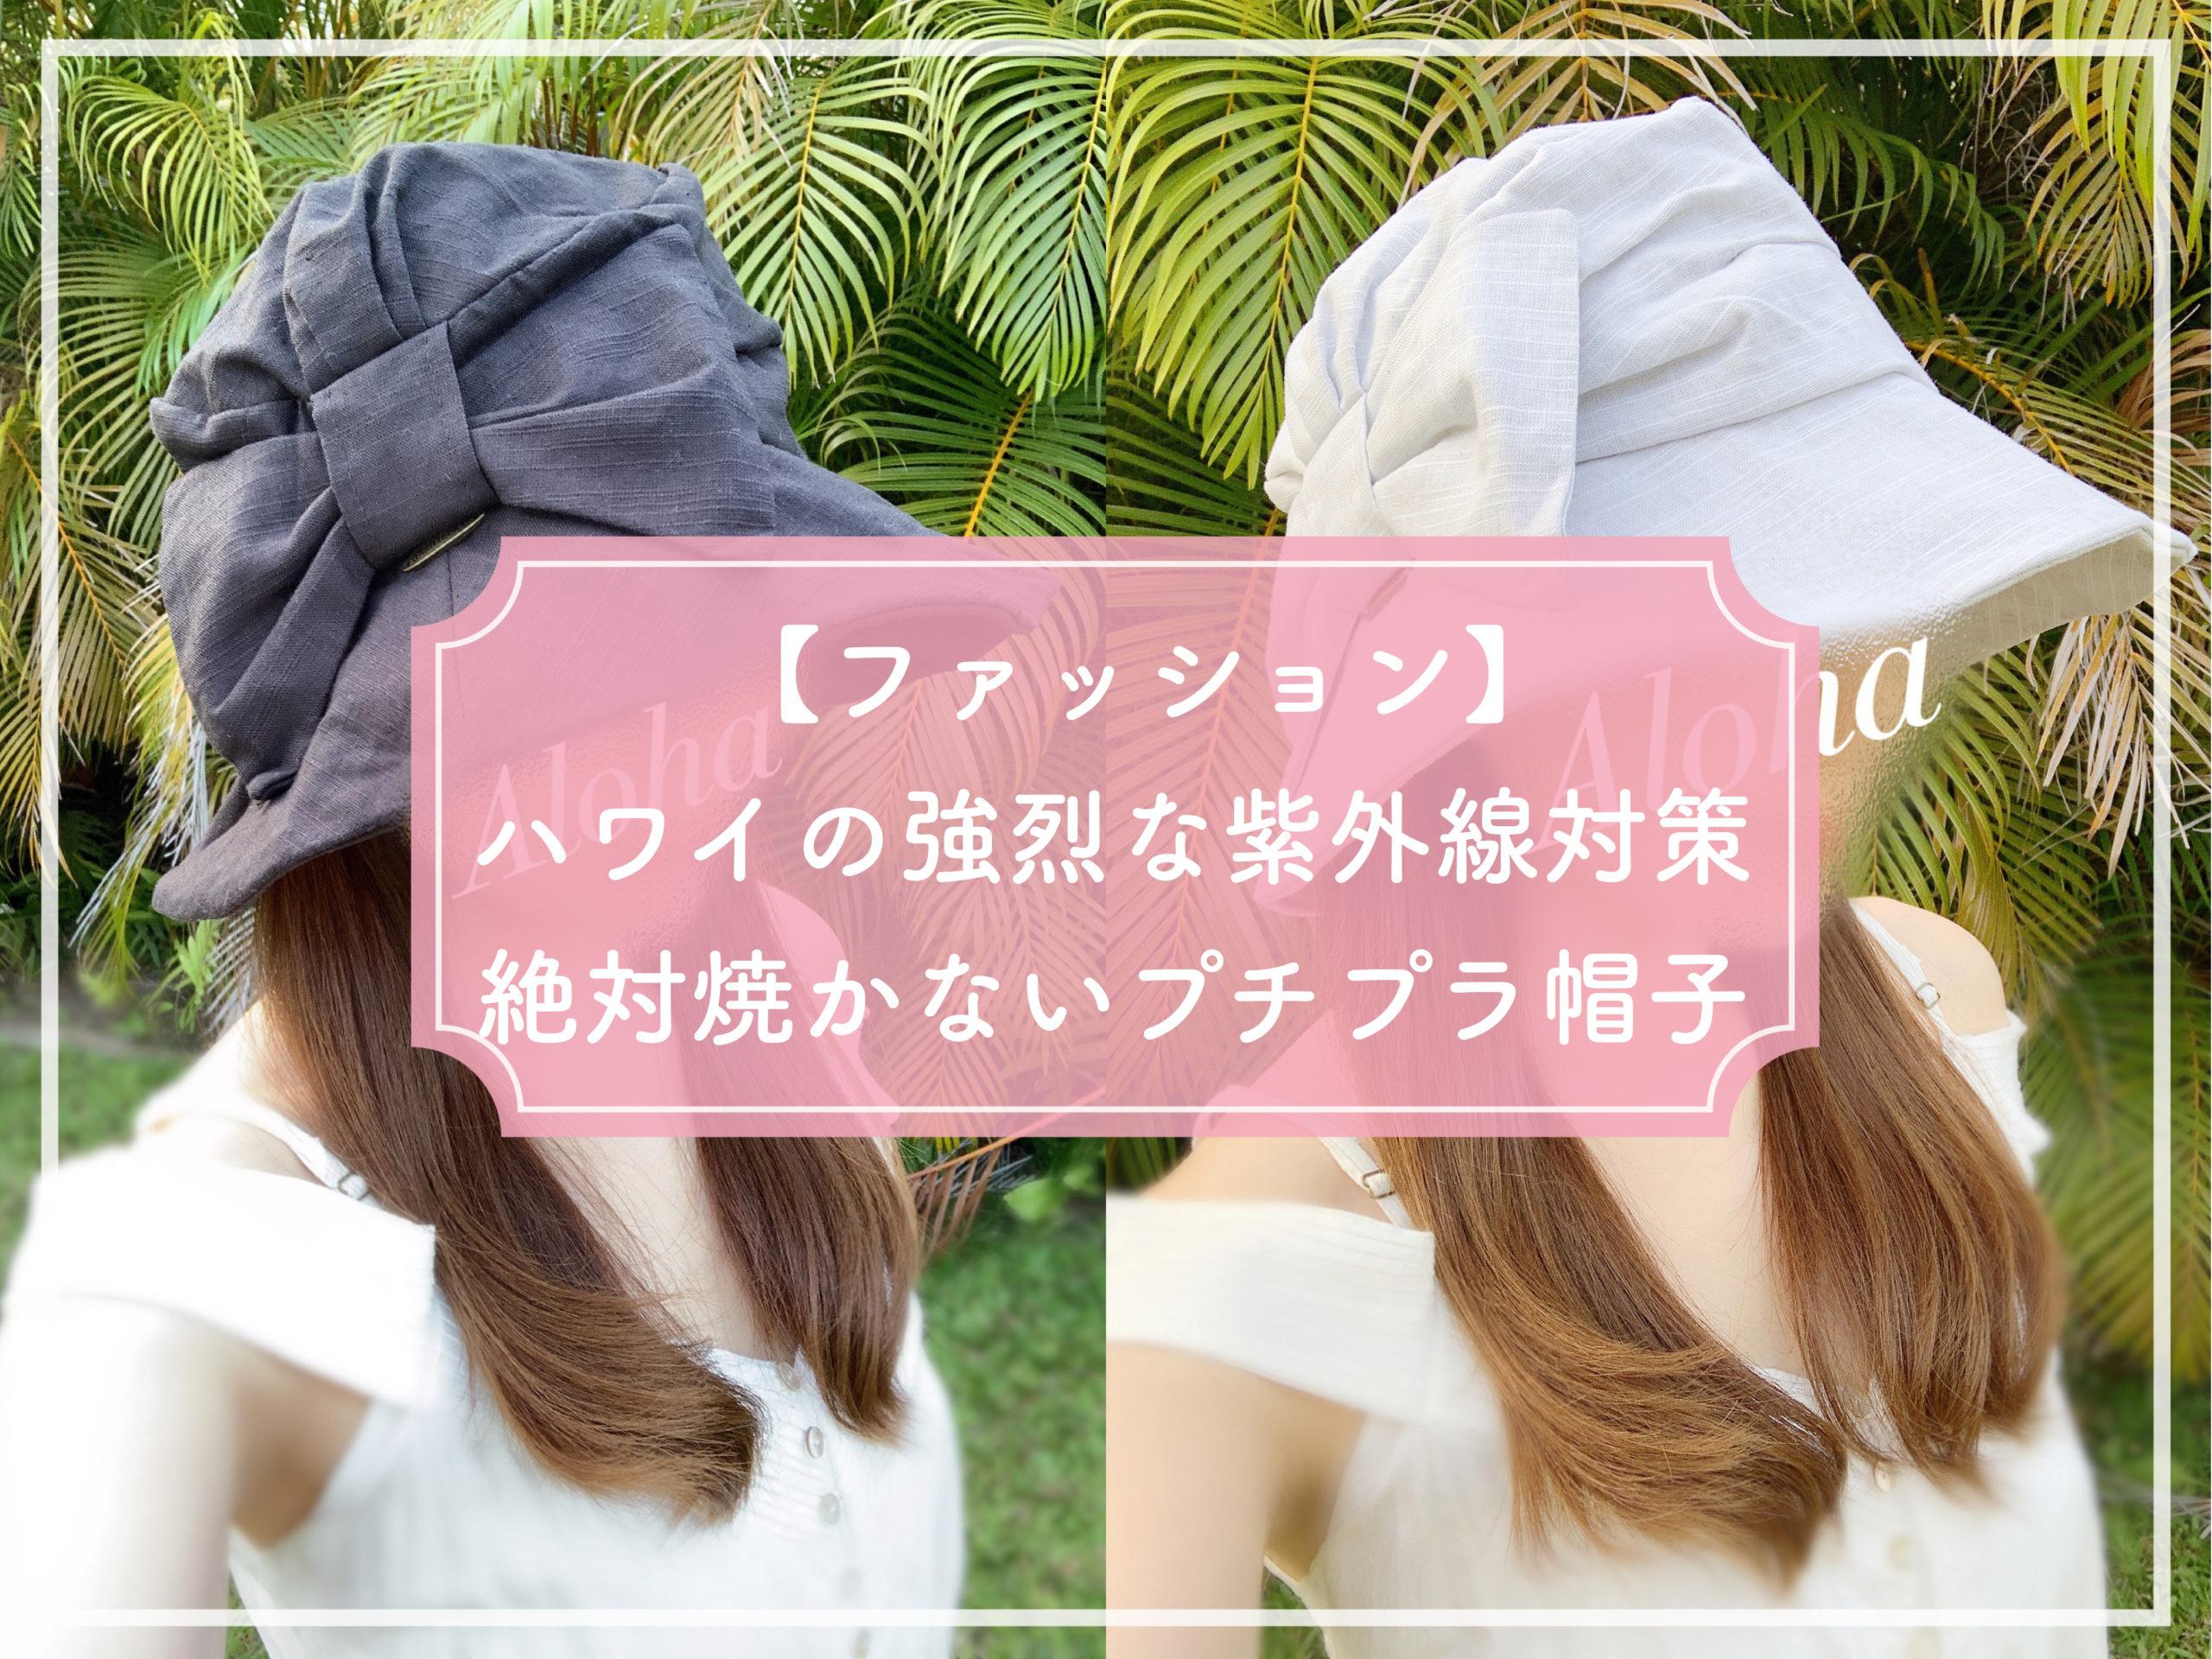 【ファッション】ハワイの強烈な紫外線対策 おすすめプチプラ帽子【レビュー高評価】